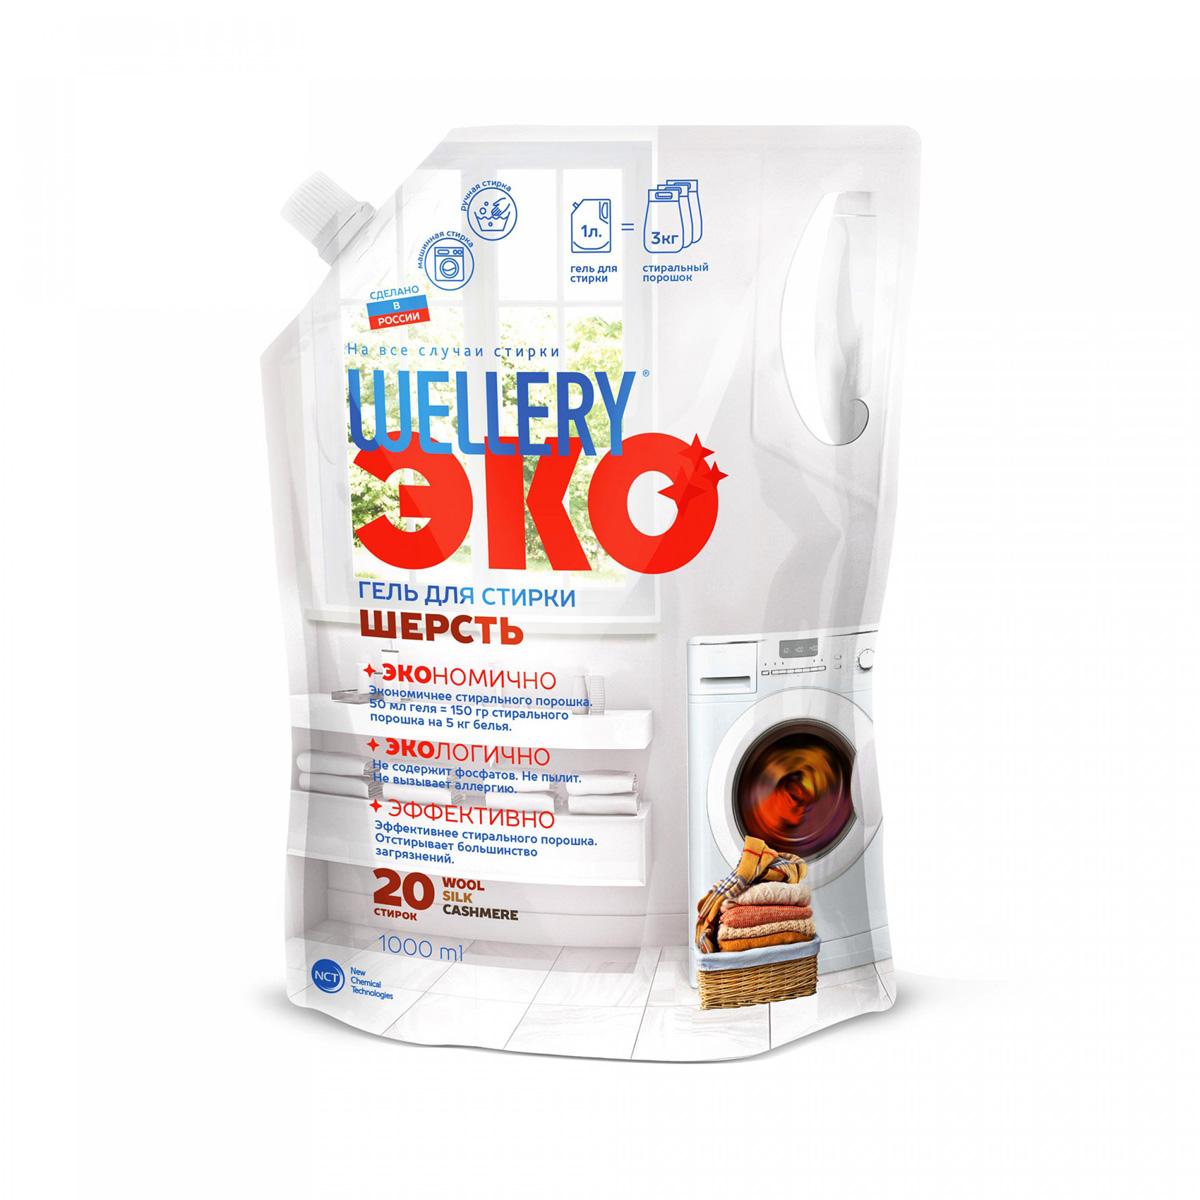 Гель для стирки Wellery ЭКО Шерсть, 1 л4640015110804 Гель предназначен для стирки шерсти, шелка и кашемира.Экономичнее стирального порошка в 3 раза: на 5 кг белья требуется всего 50 мл средства вместо 150 гр сухого средства.Защищают от потери цвета, возвращают яркость тканям, сохраняя красоту любимых вещей.Отстирывают большинство загрязнений, что подтверждено лабораторными исследованиями.Изготовлены на основе компонентов, классифицируемых как биоразлагаемые.Не содержат фосфатов и красителей.Полностью вымываются из тканей Красивый яркий дизайн упаковки несомненно привлечет Ваше внимание.Наличие ручки для переноски помогает удобству в использовании.